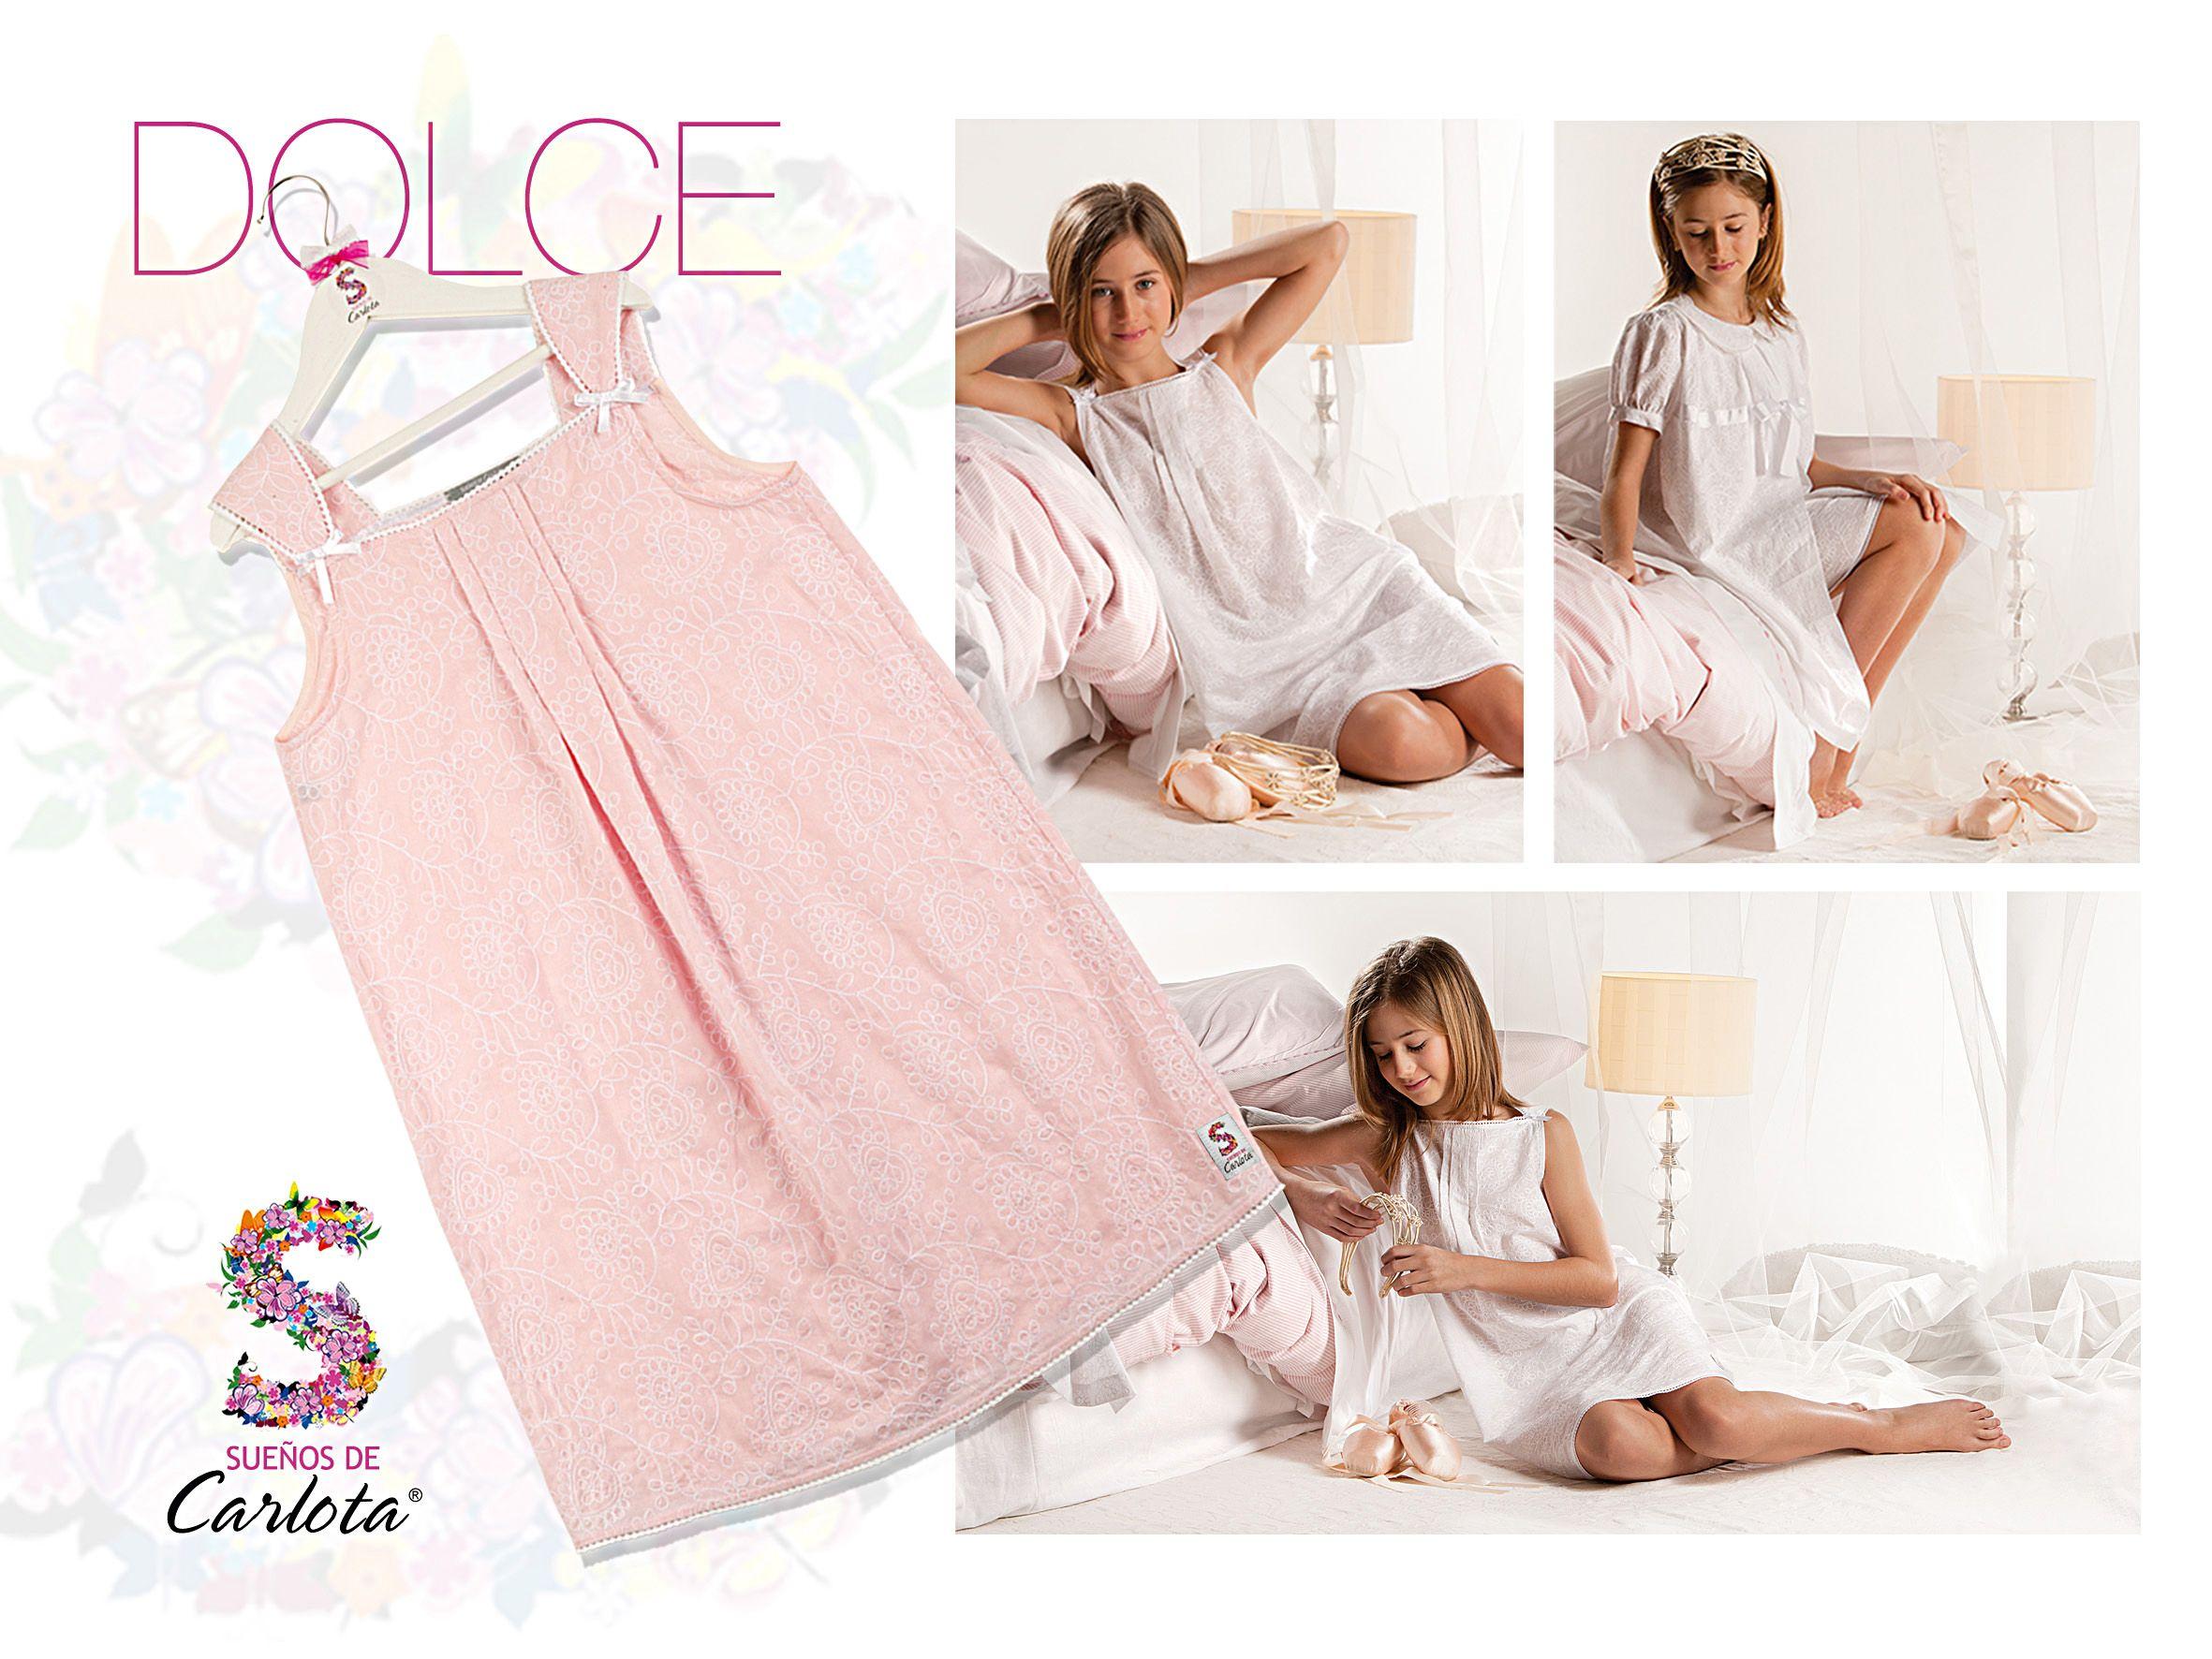 429d9271c2 Modelo de bata y camisón para niña Dolce. Conjunto lencero de líneas  románticas